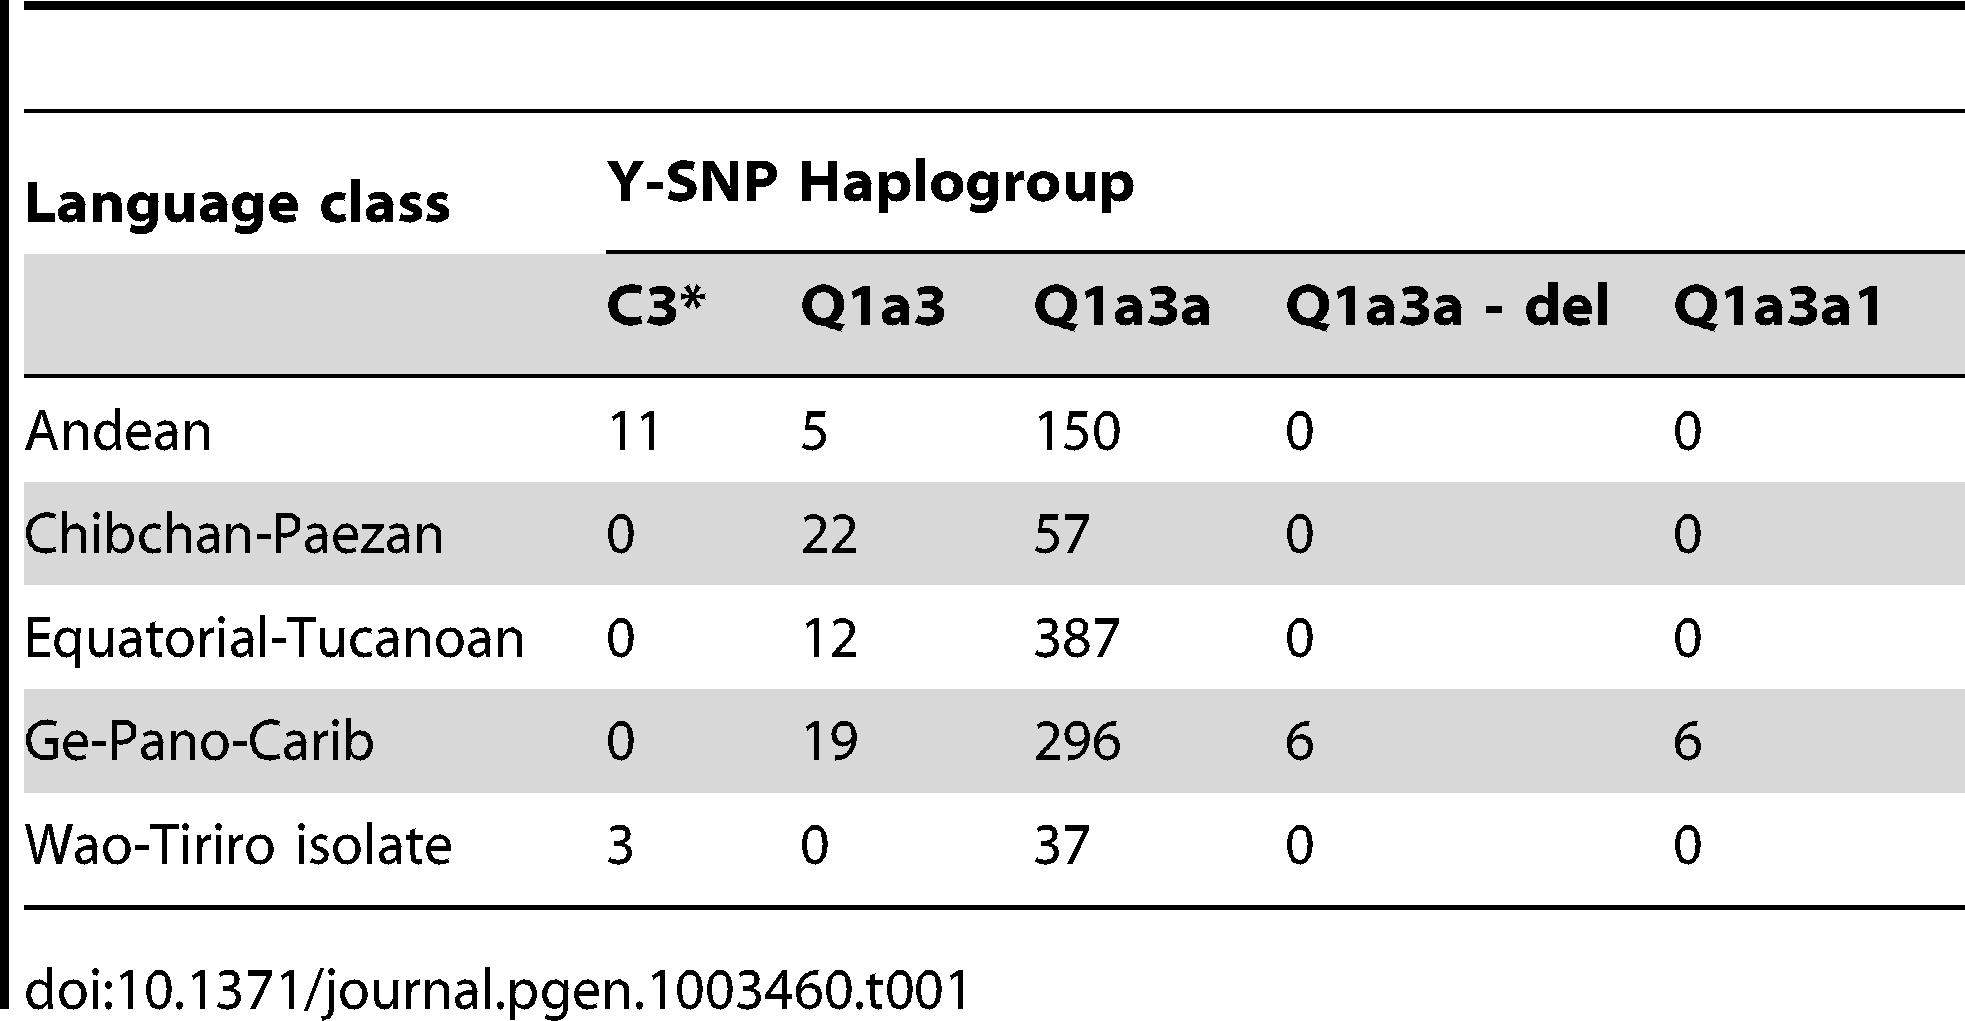 Correlation between Y-SNP haplogroup and language class.